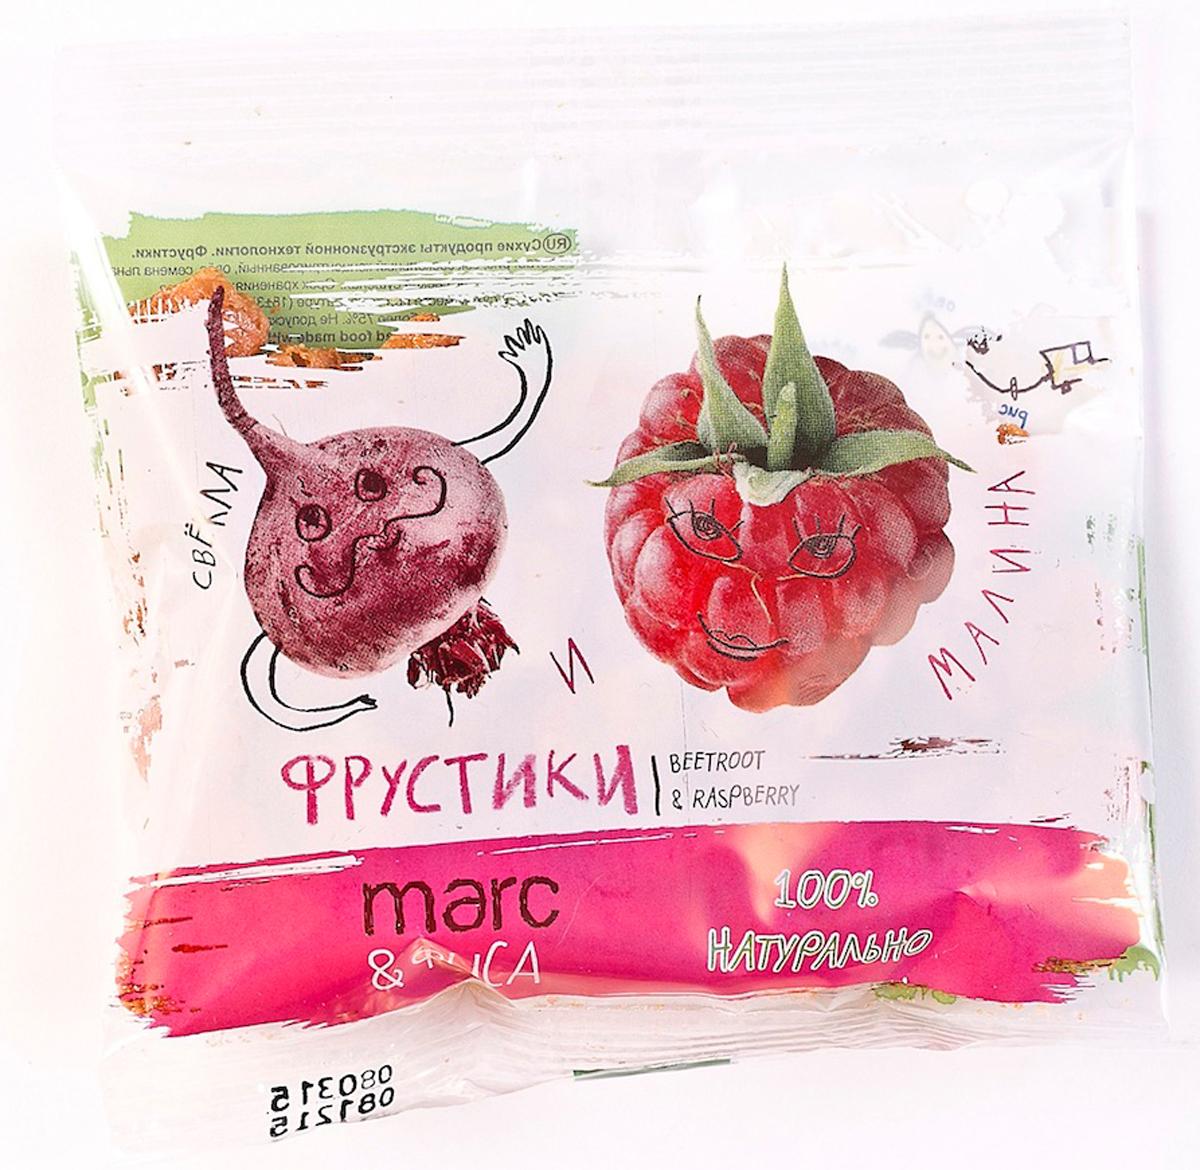 Marc&Фиса фрустики свекла и малина, 15 г Marc&Фиса